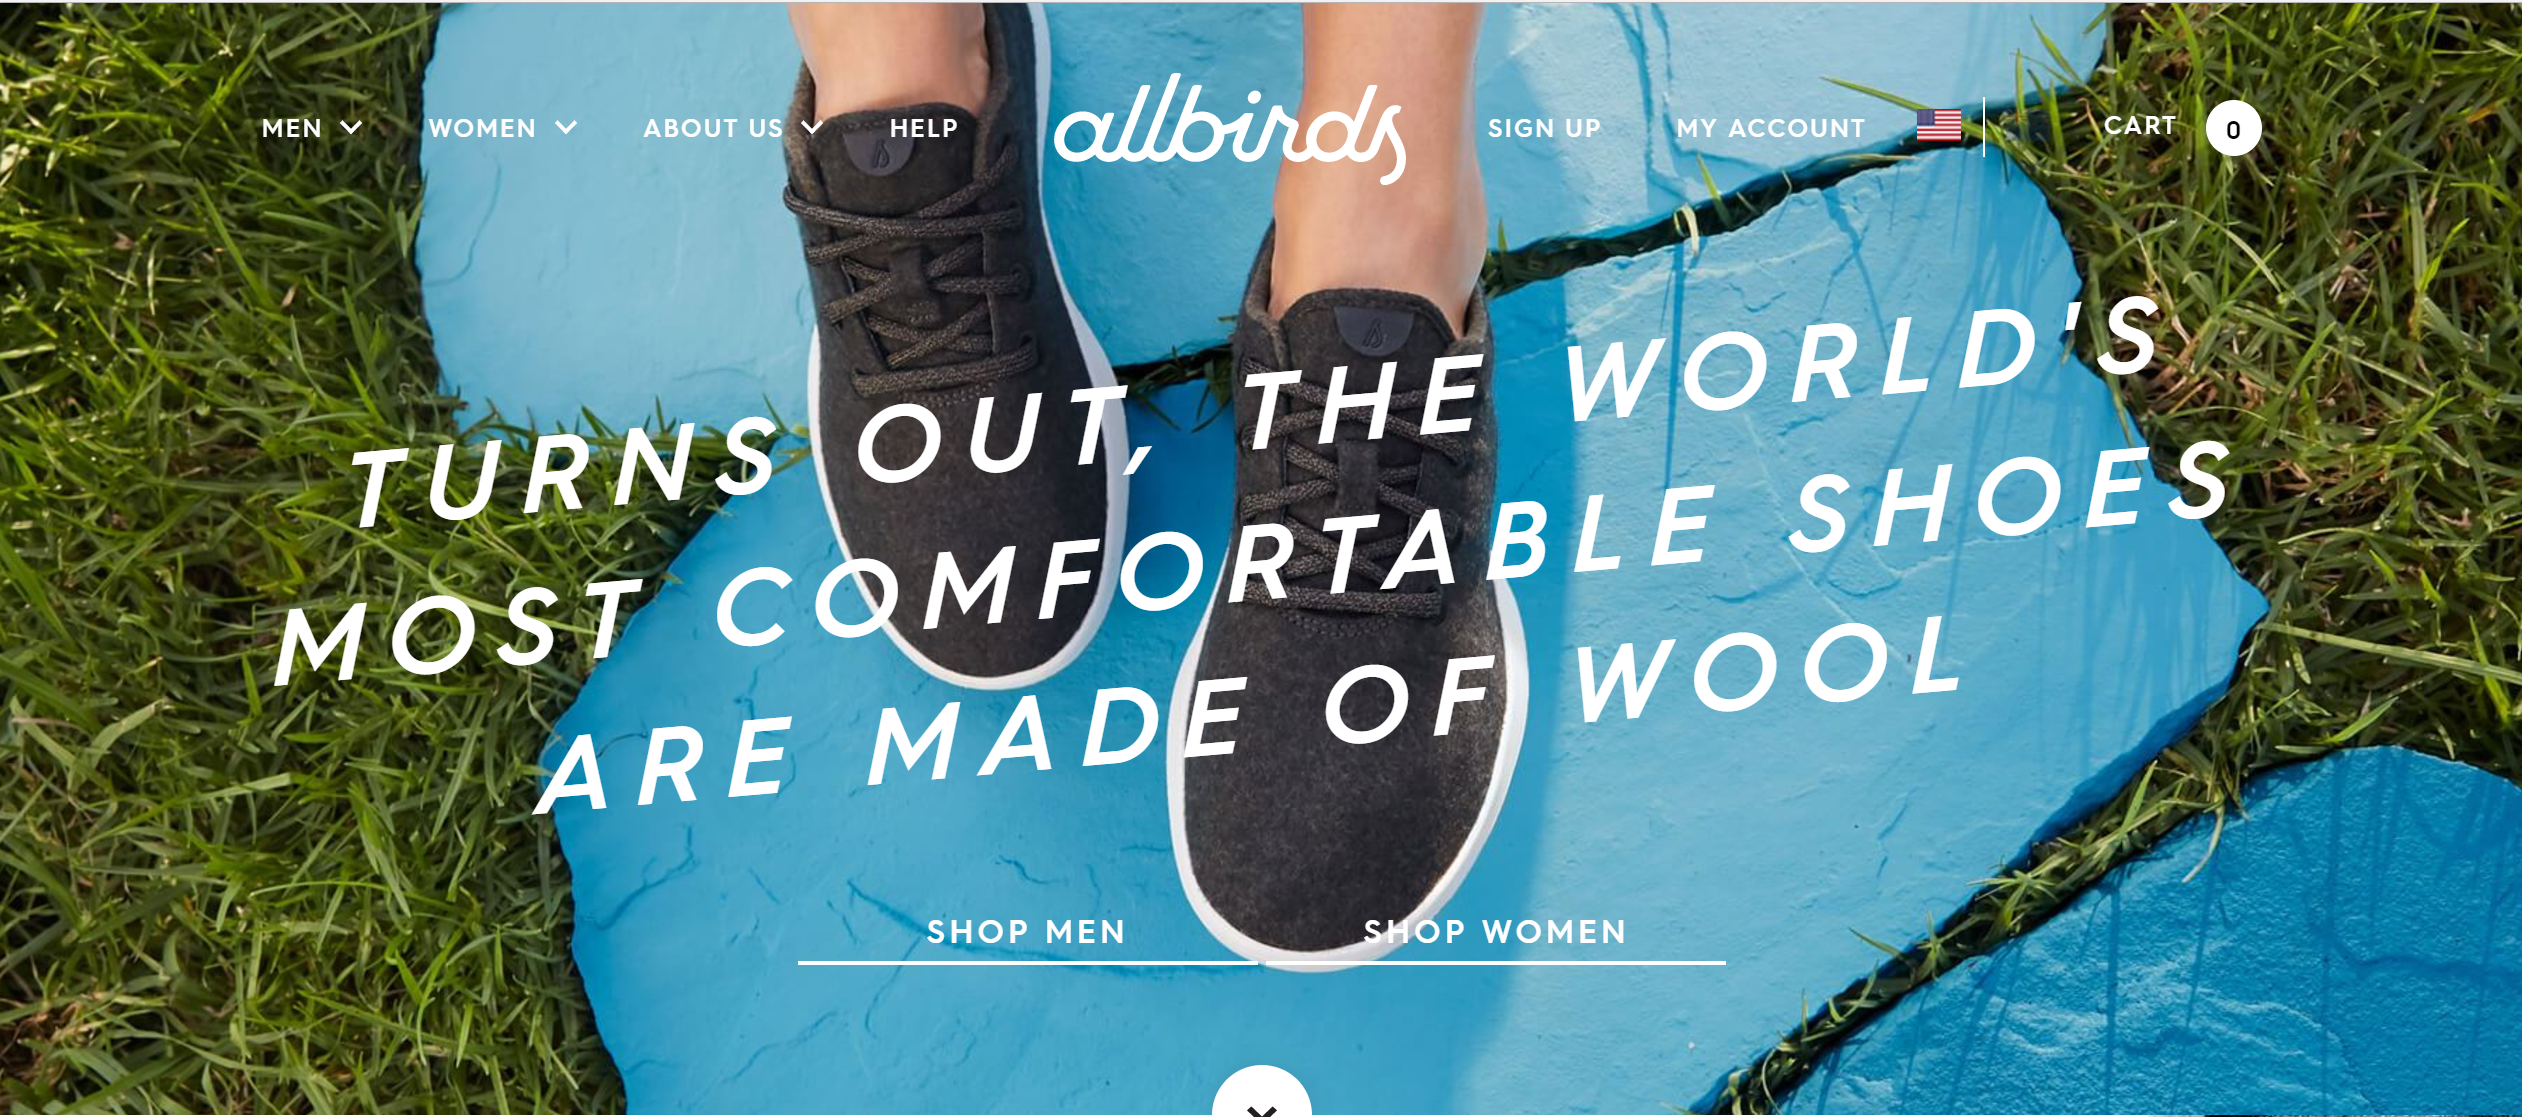 allbirds hero image.png